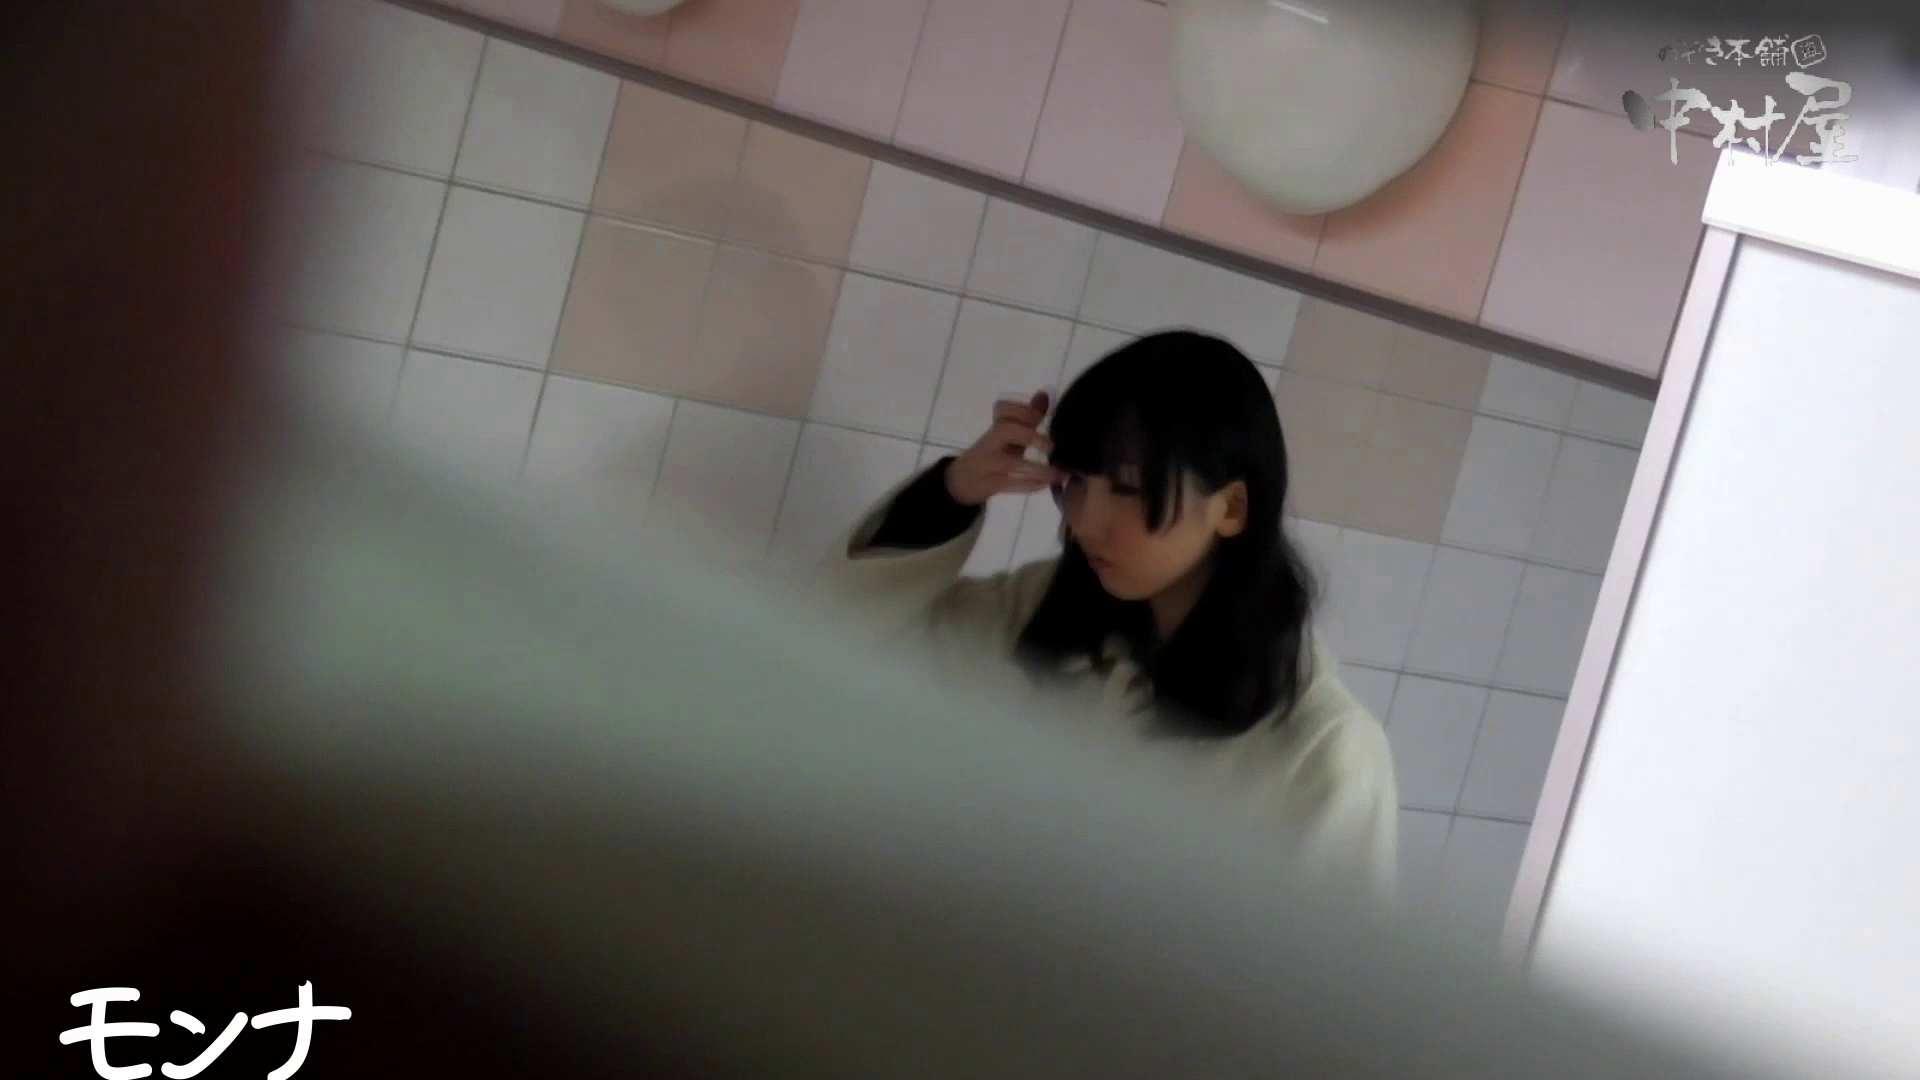 美しい日本の未来 No.52 顔とのギャップが!!清楚な顔の子はボウボウ 覗き  74PICs 18